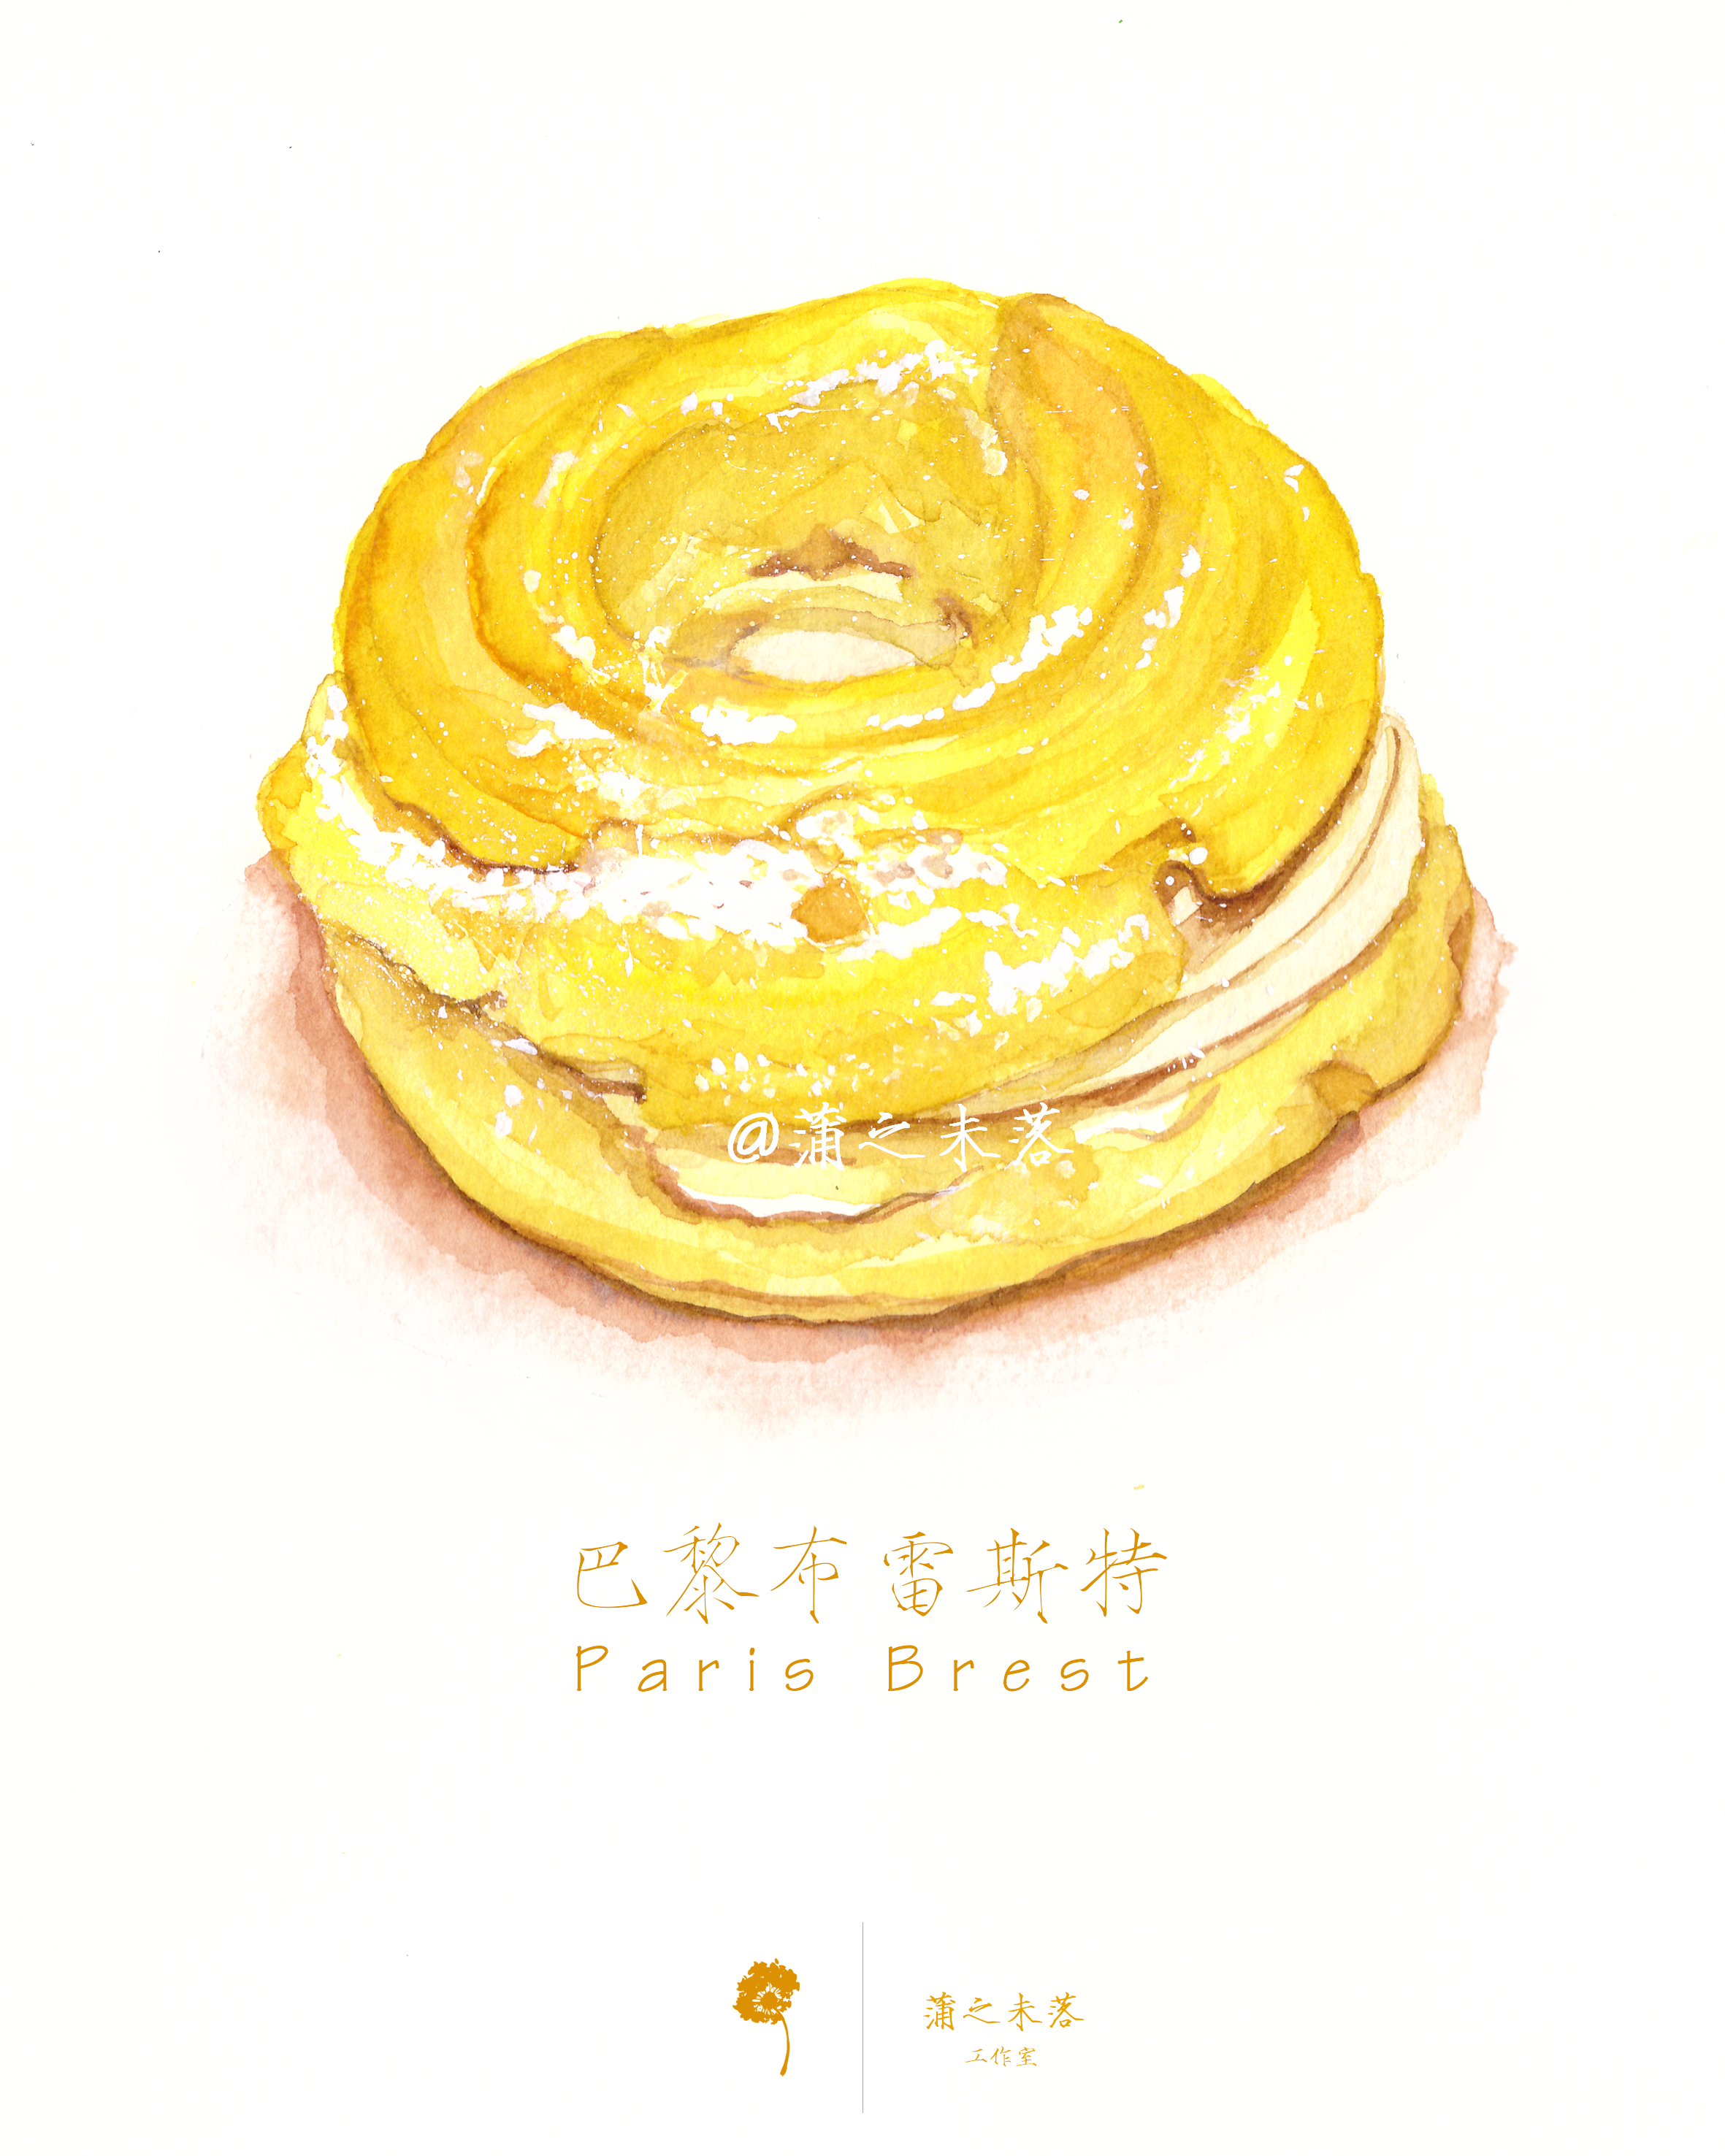 水彩手绘-甜品(巴黎布雷斯特) |纯艺术|水彩|蒲之未落